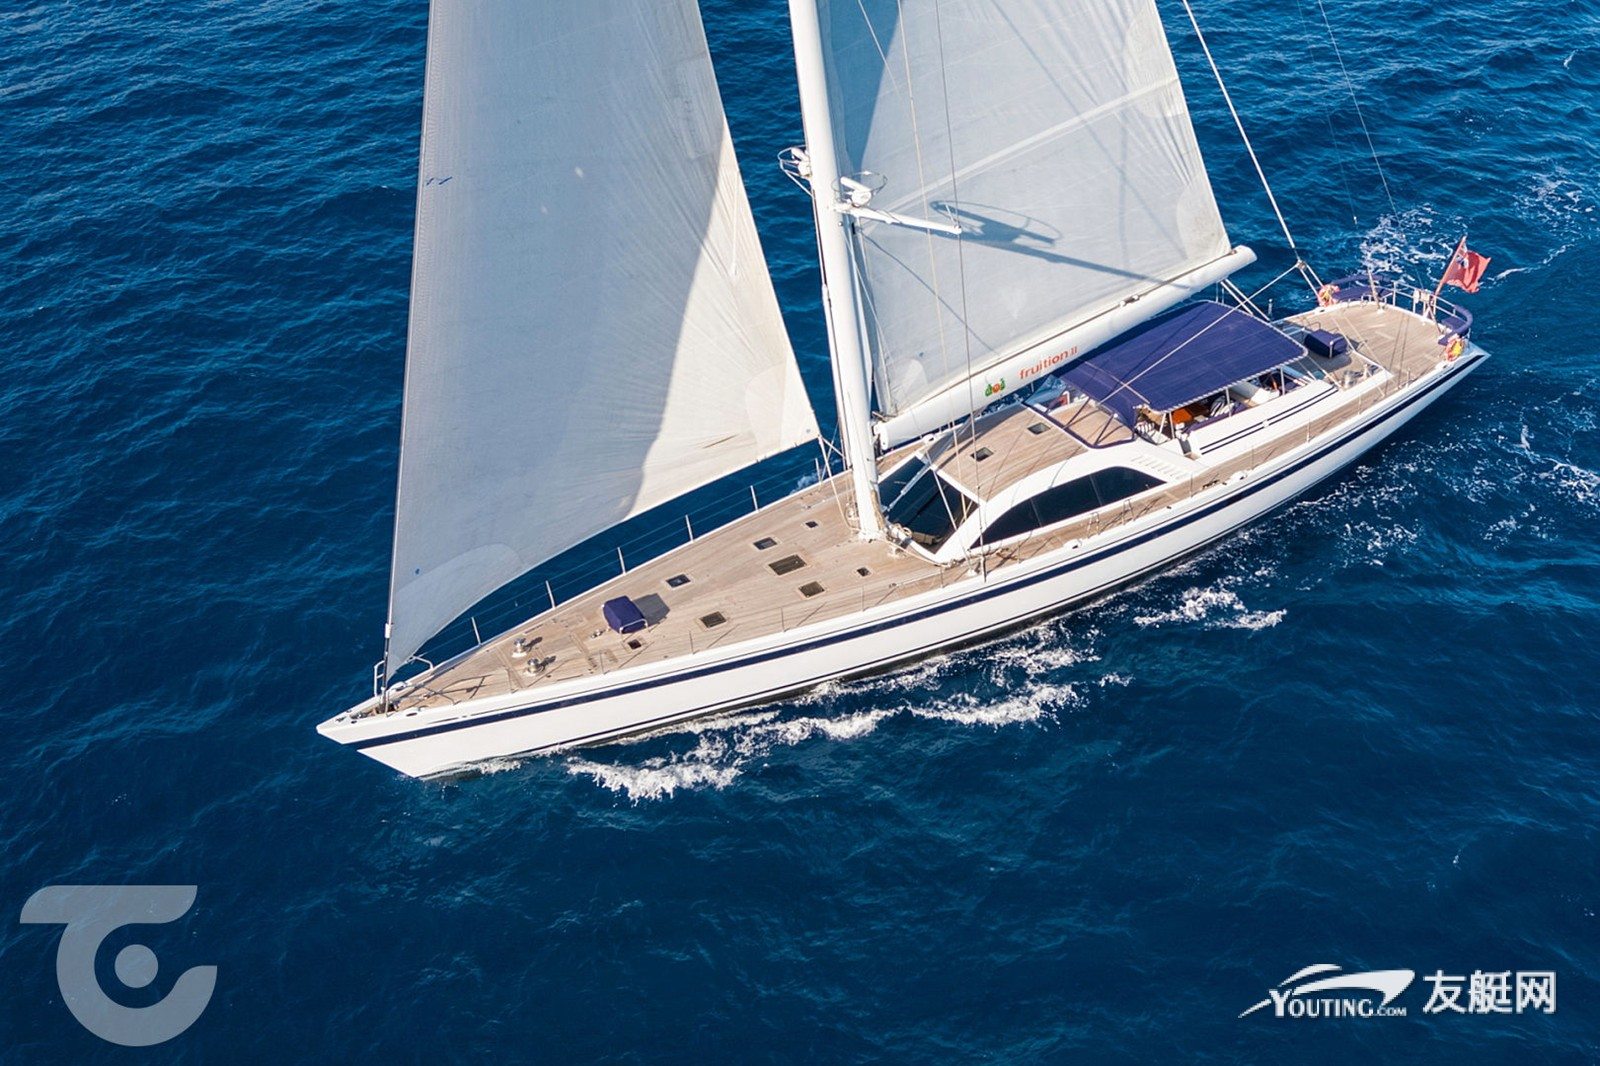 34 米长的 Nautor's Swan 帆船 Fruition II